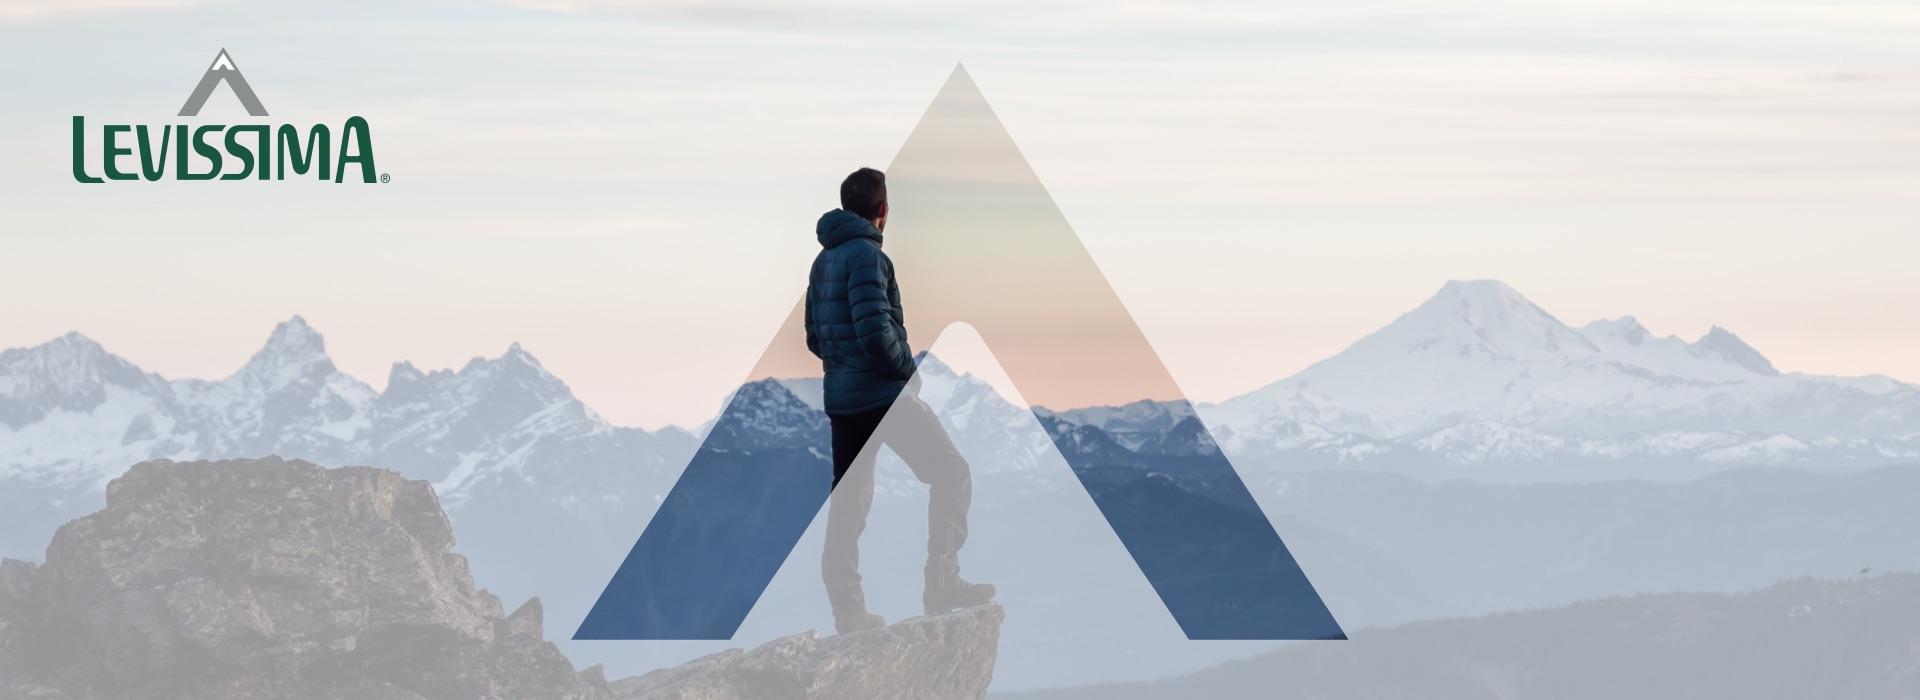 Levissima è l'acqua che promuove i valori della montagna e della vita all'aria aperta